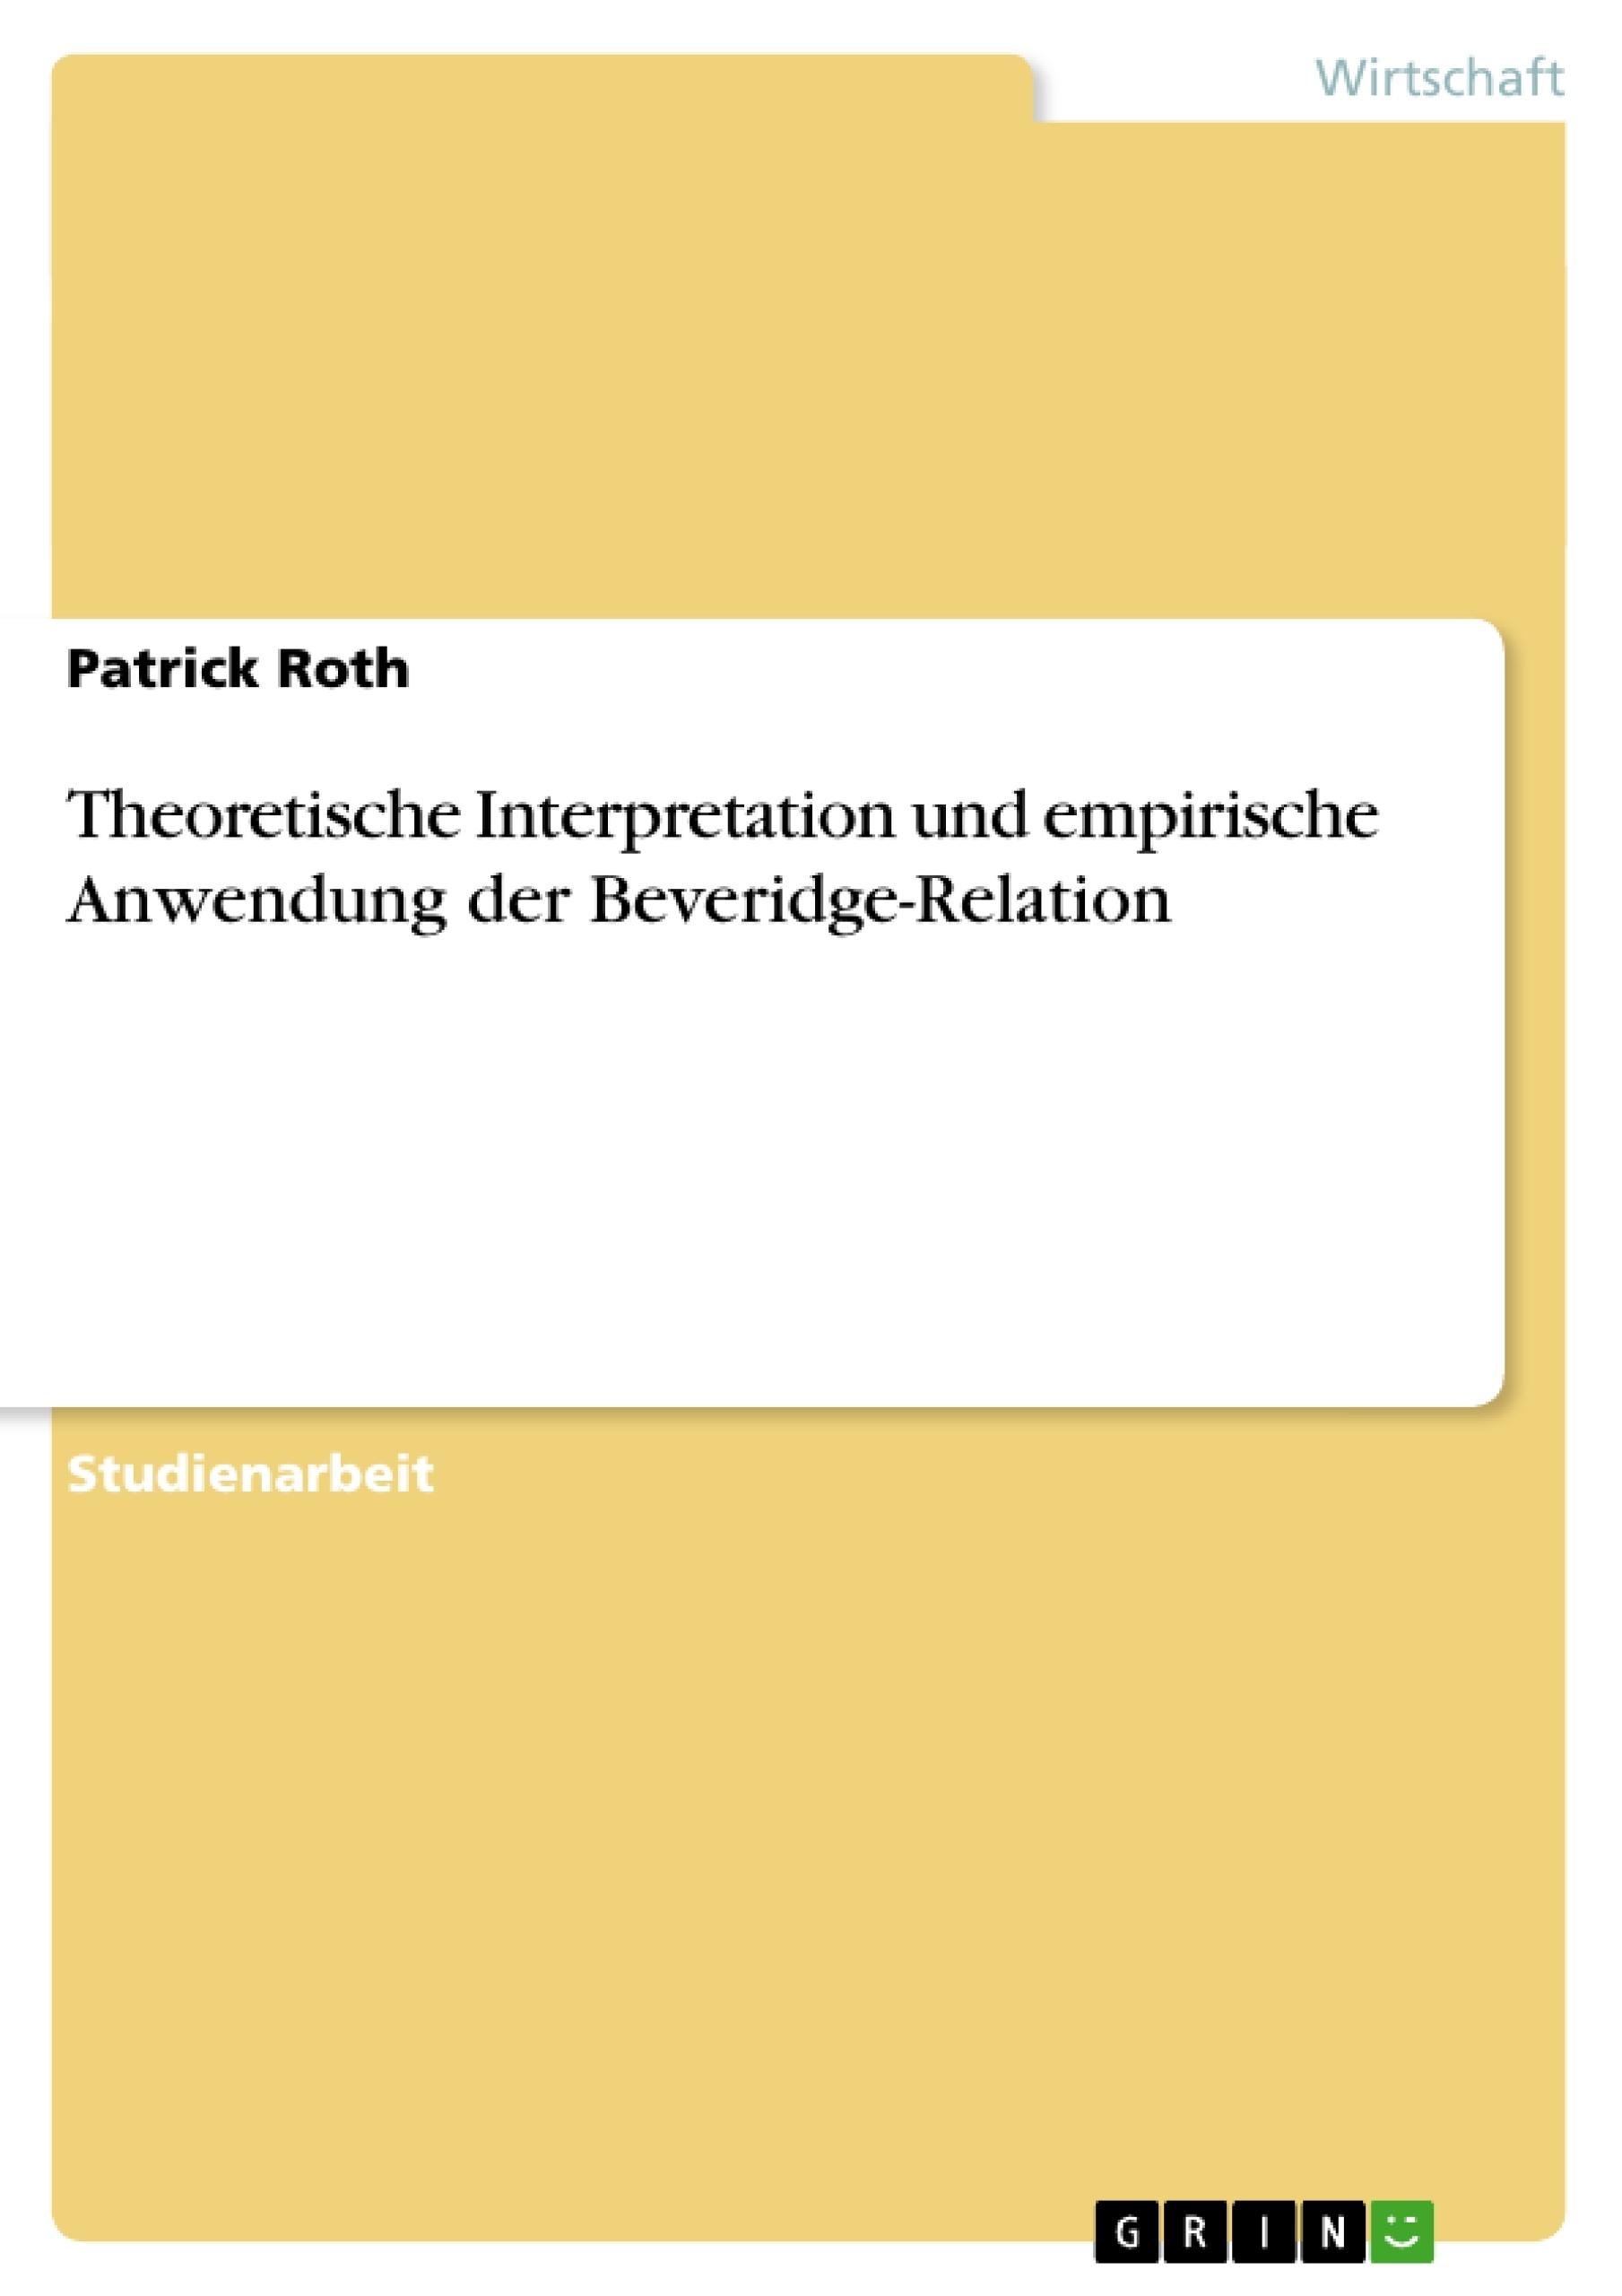 Titel: Theoretische Interpretation und empirische Anwendung der Beveridge-Relation